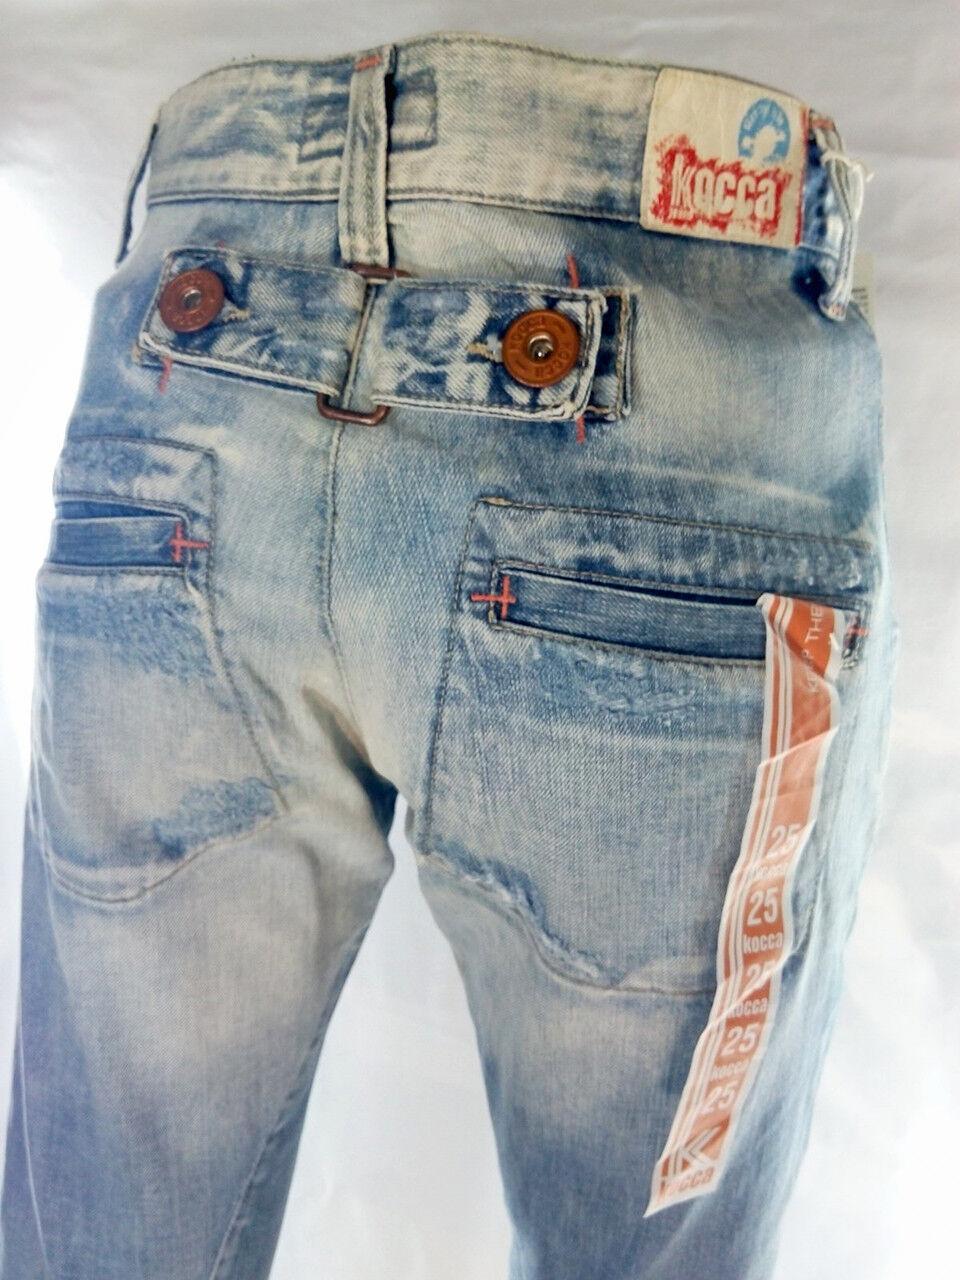 Kocca azul jeans donna W MADE IN ITALY vita alta W donna 25  39 ITA S 60f1e3 e7f3dffaa7c